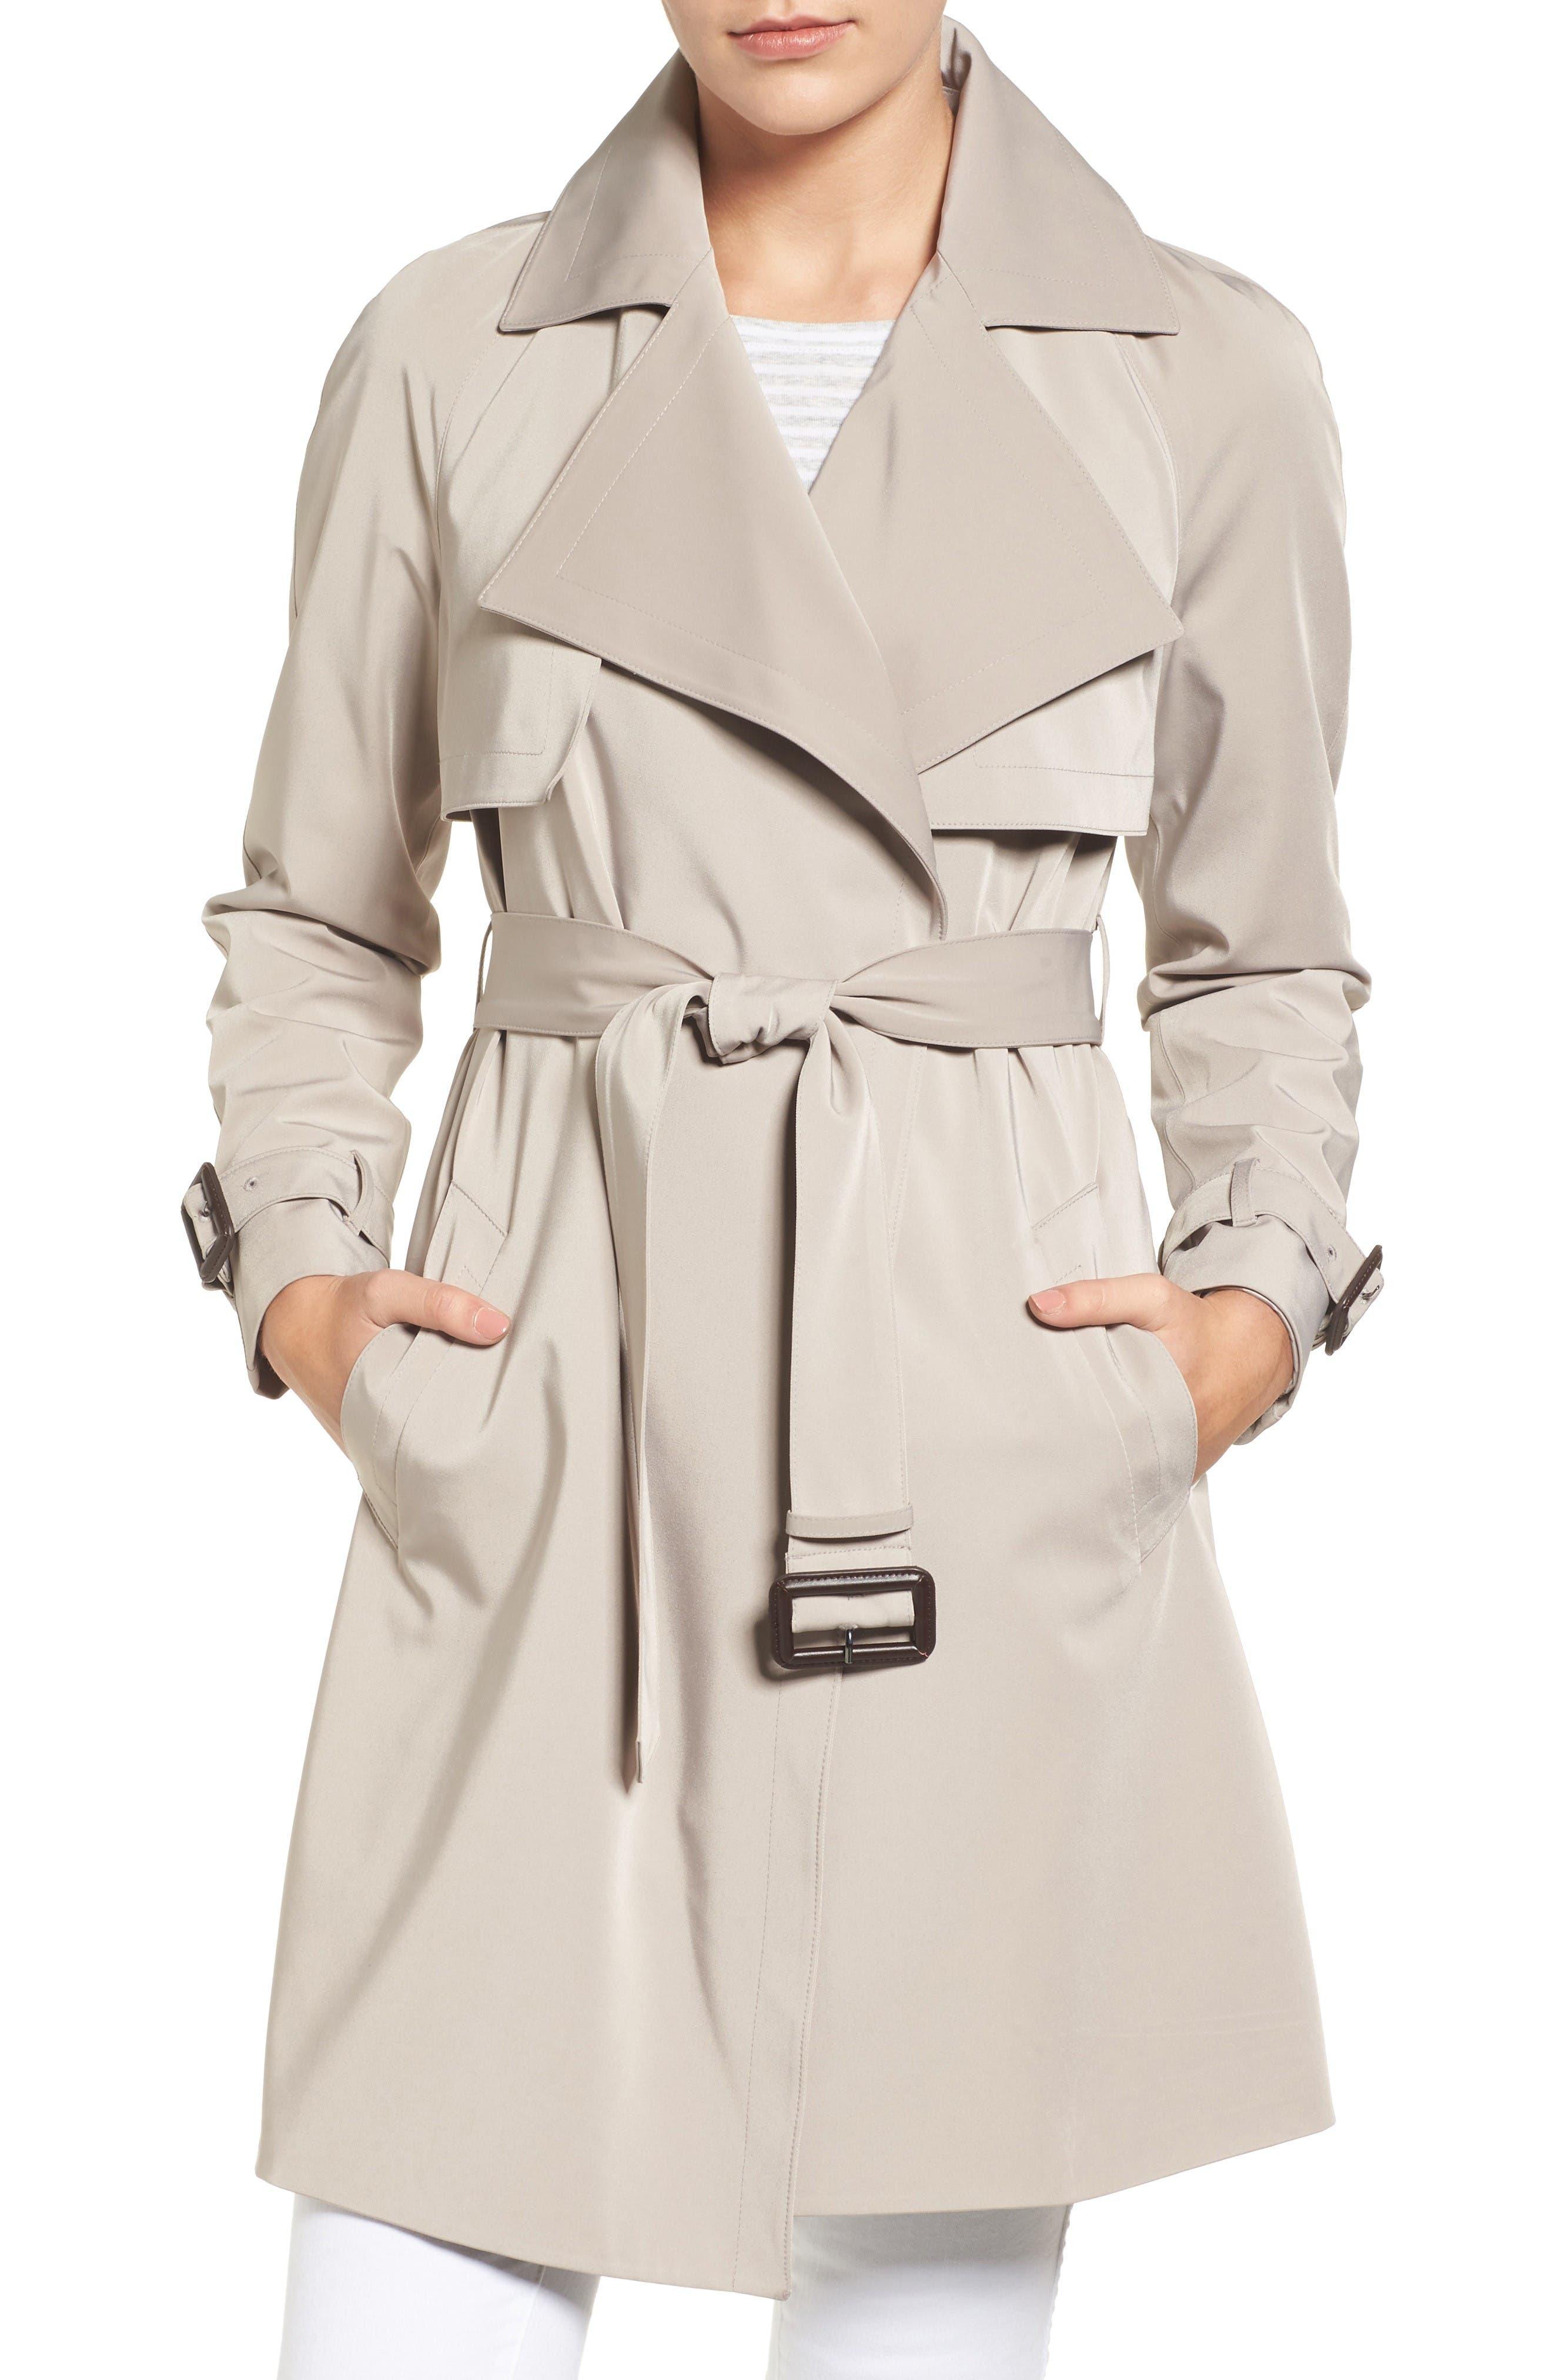 Alternate Image 1 Selected - MICHAEL Michael Kors Trench Coat